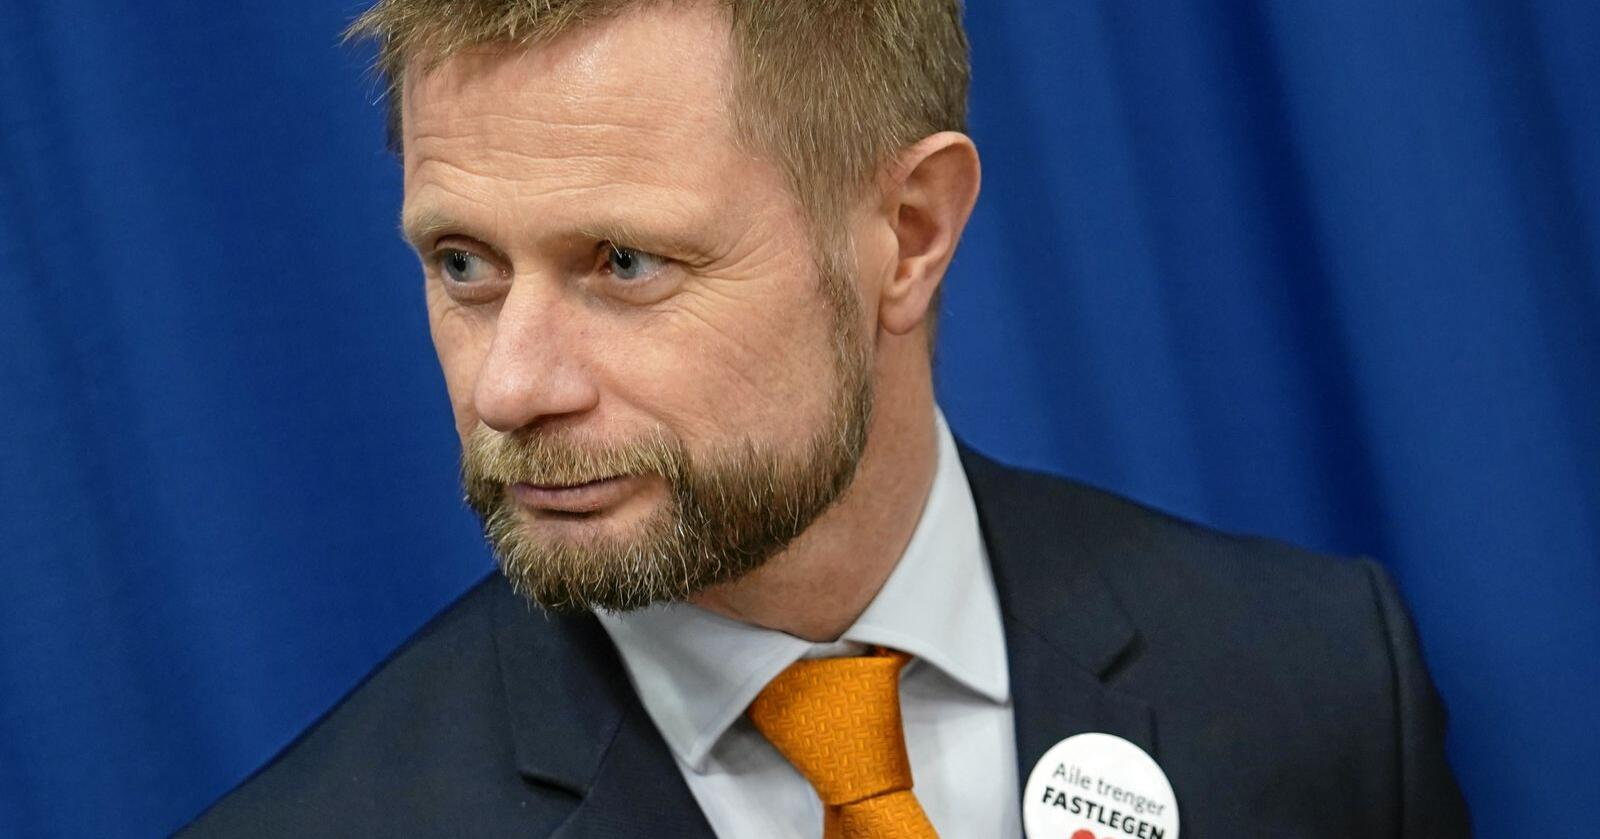 Avviser: Norsk Industris SMS-er dikterte ikke regjeringen, ifølge Bent Høie. Foto: Heiko Junge / NTB scanpix